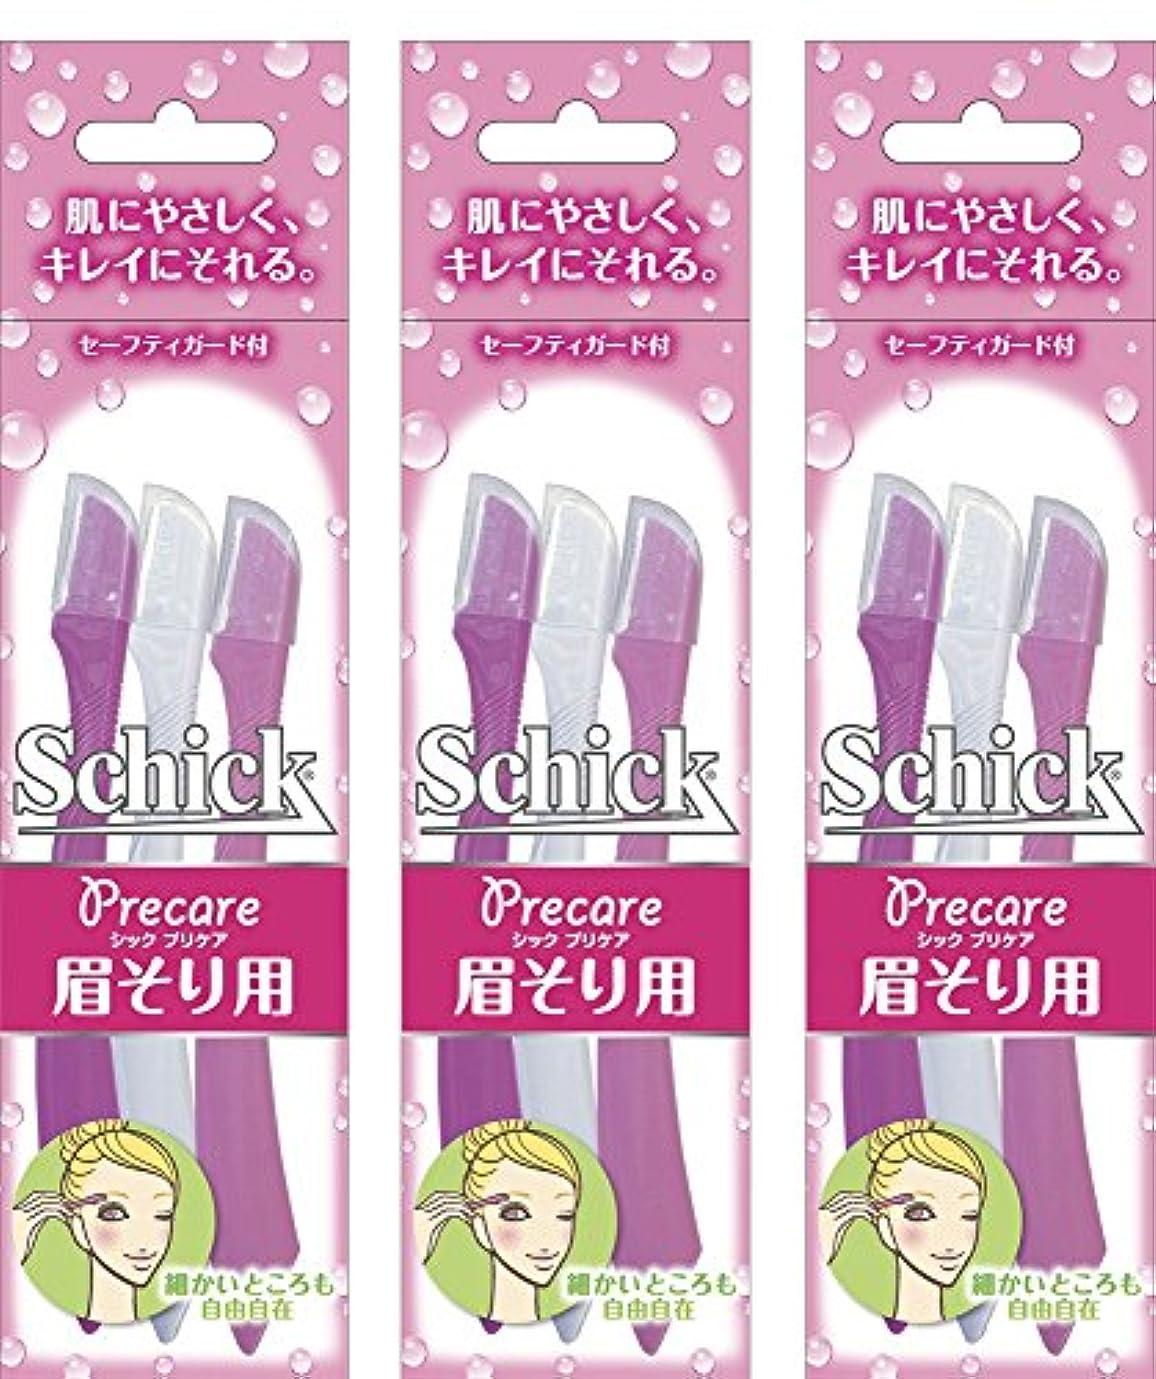 地平線予防接種するしなやかなシック Schick Lディスポ 使い捨て 眉そり用 (3本入)×3個 セーフィガード付 女性 カミソリ フェイス